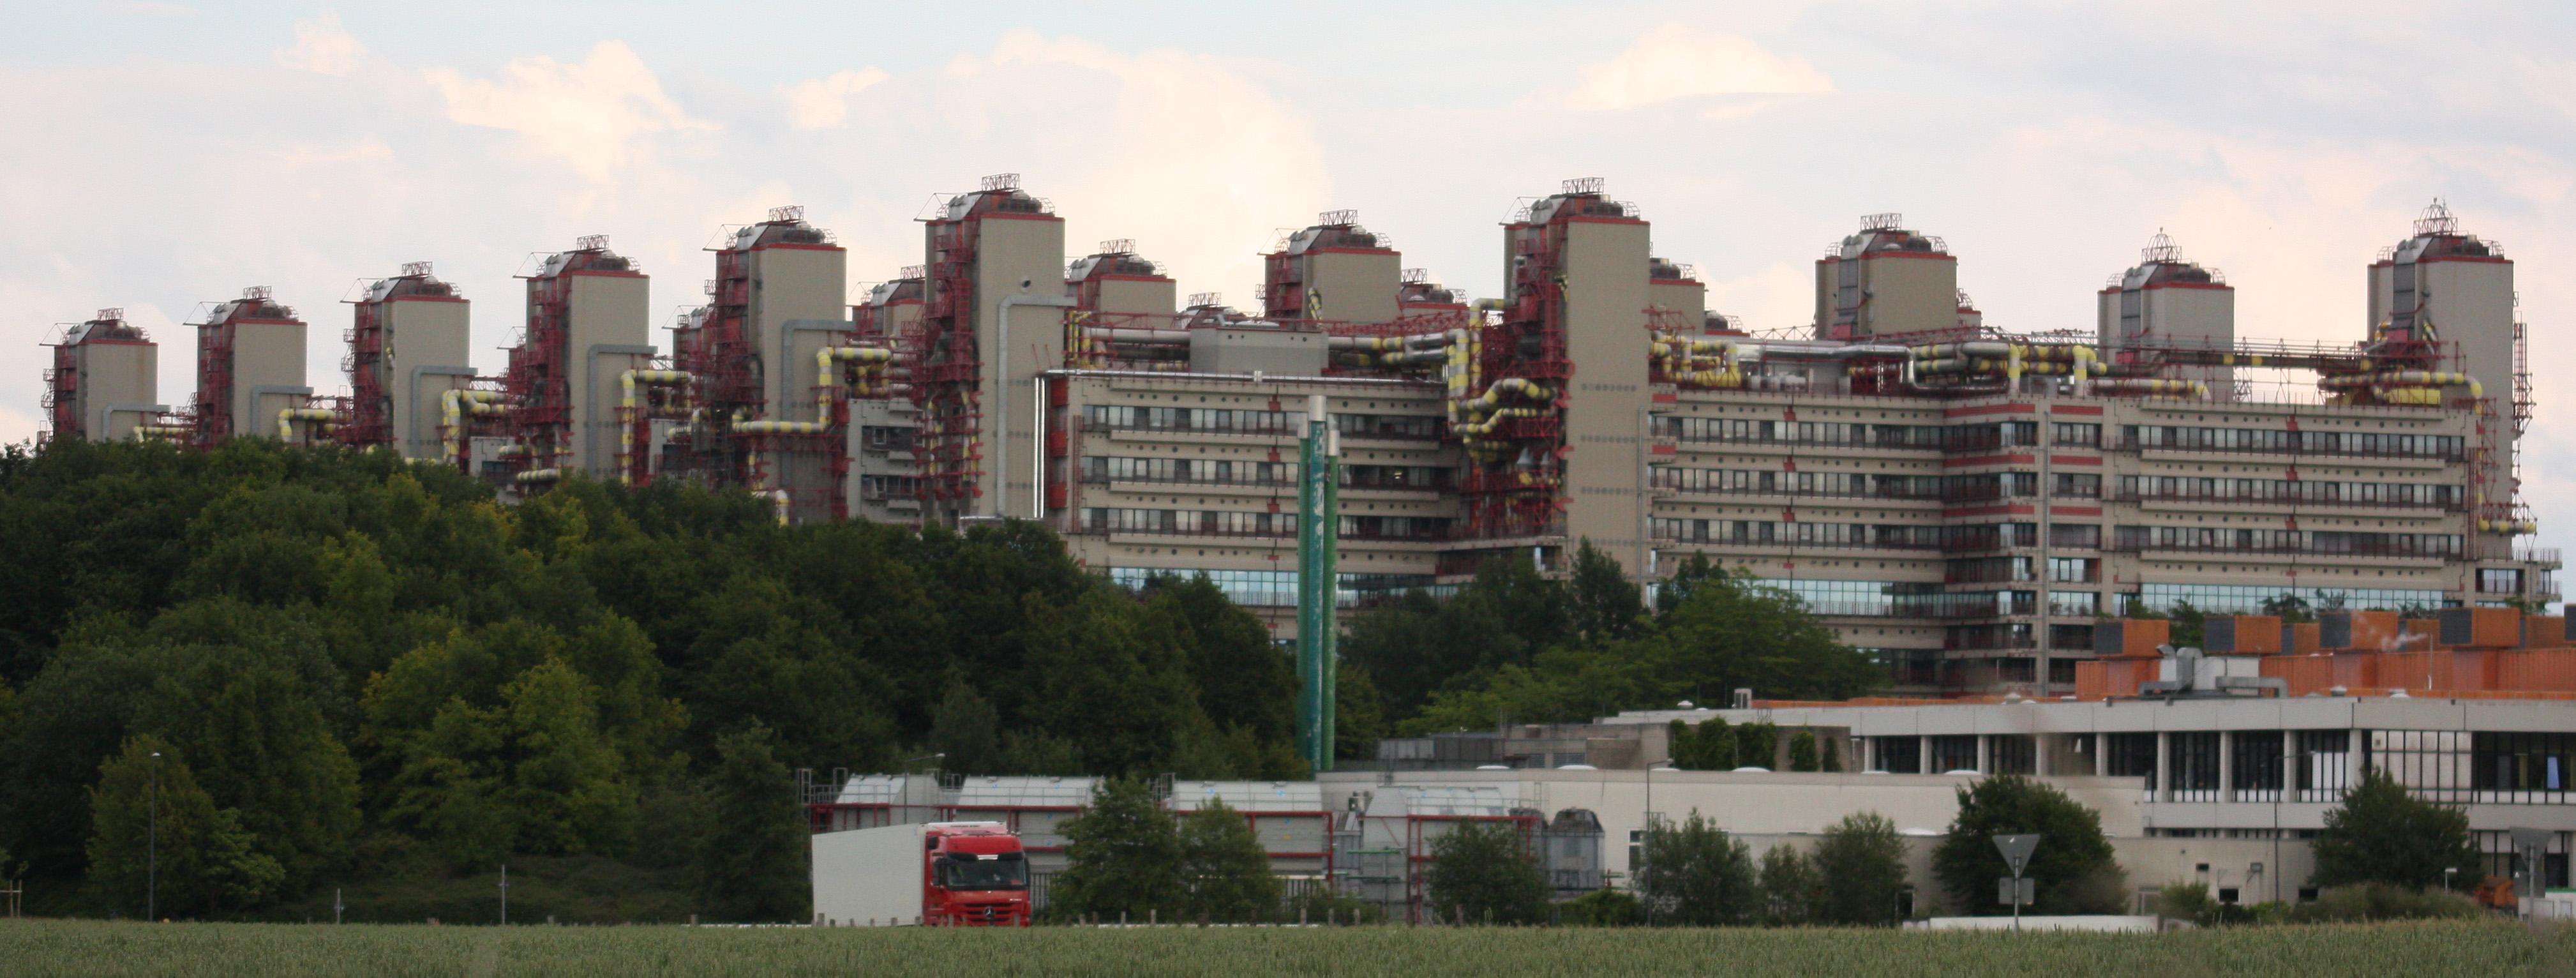 Wer Hat Erfahrung Mit Kurreise Hotel Medical Spa Swinemuende